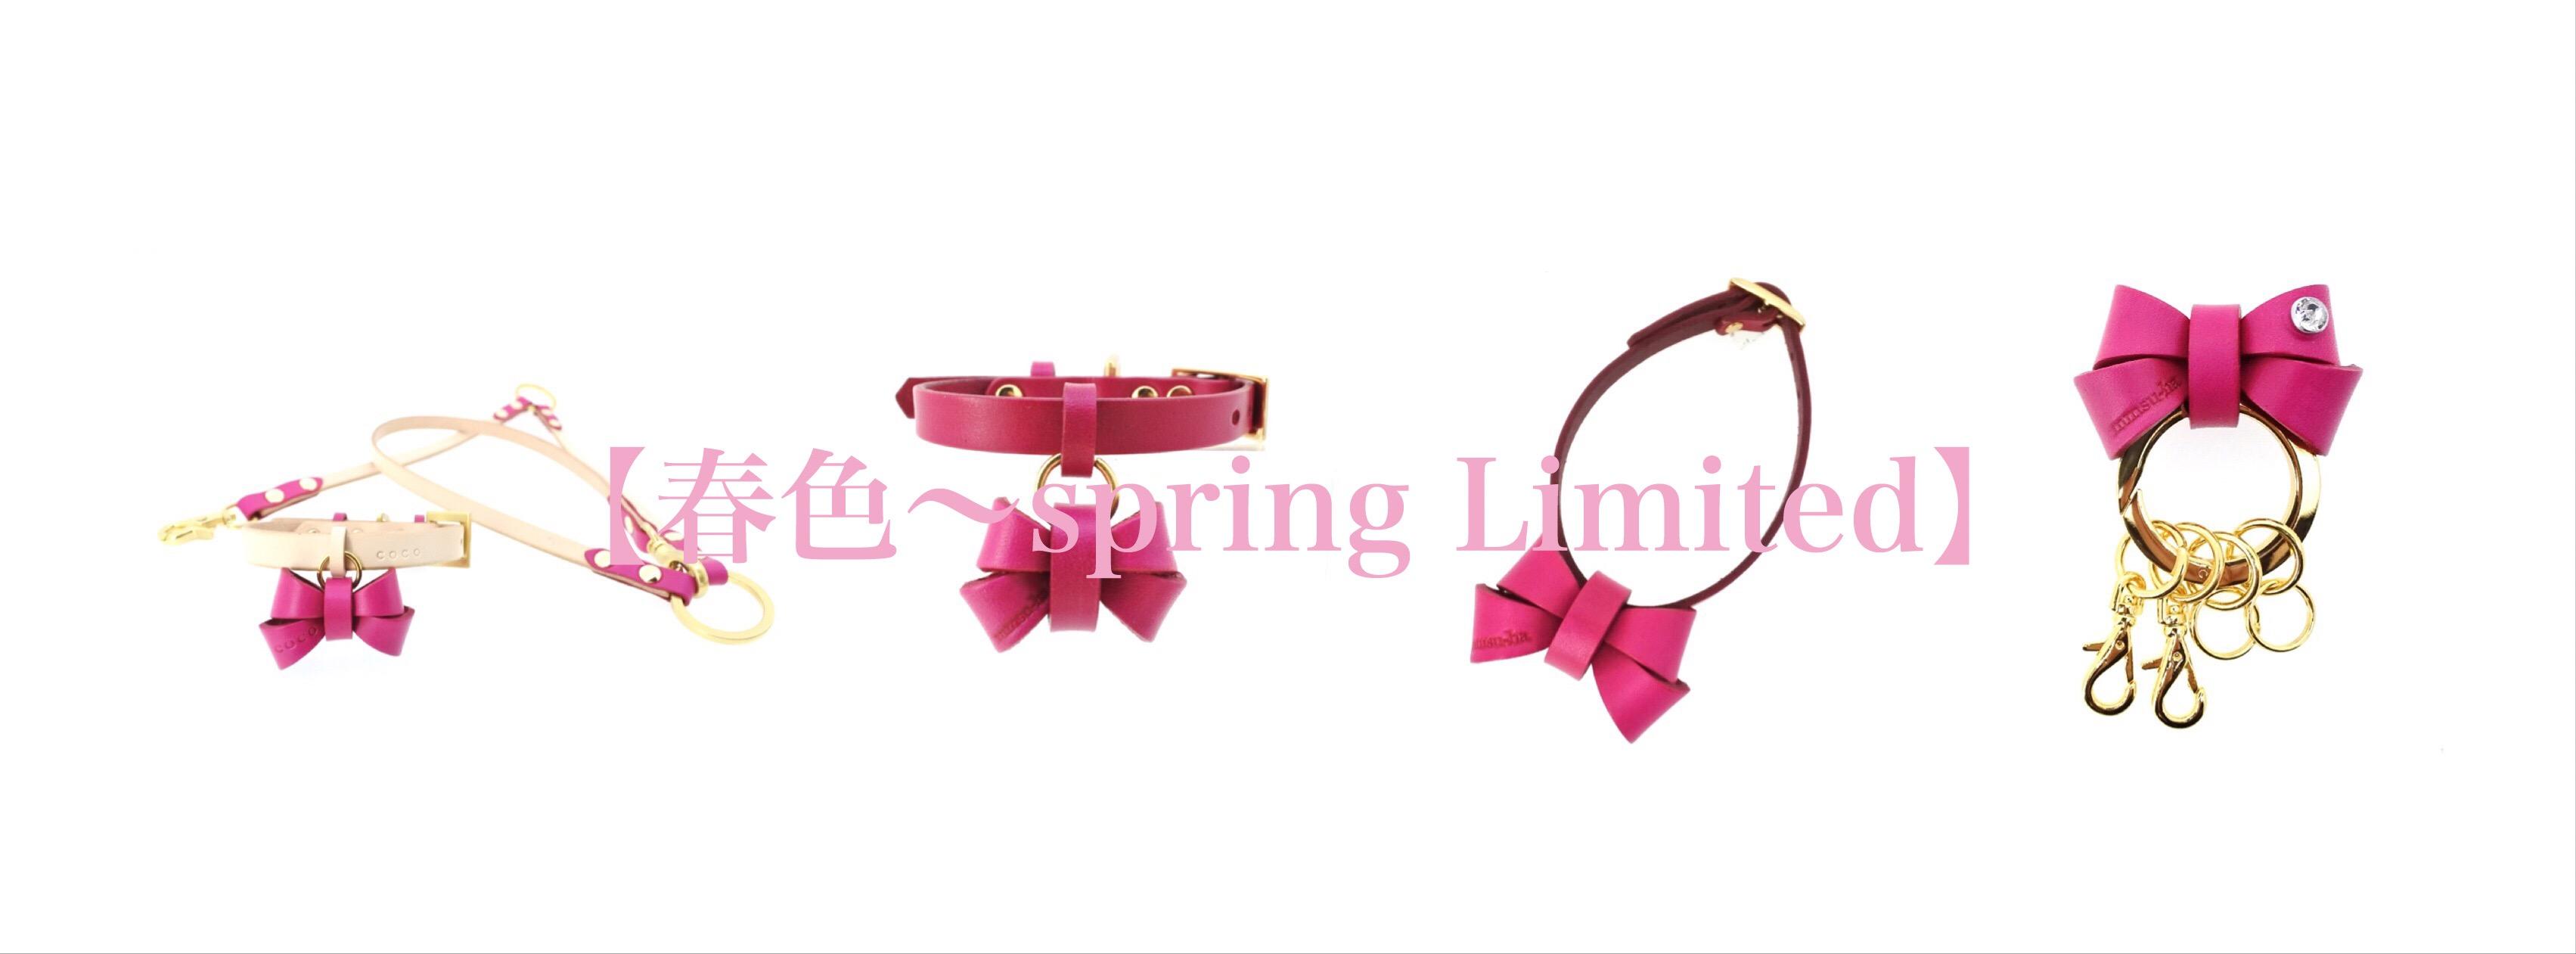 春色〜spring Limited キャンペーン 期間限定価格